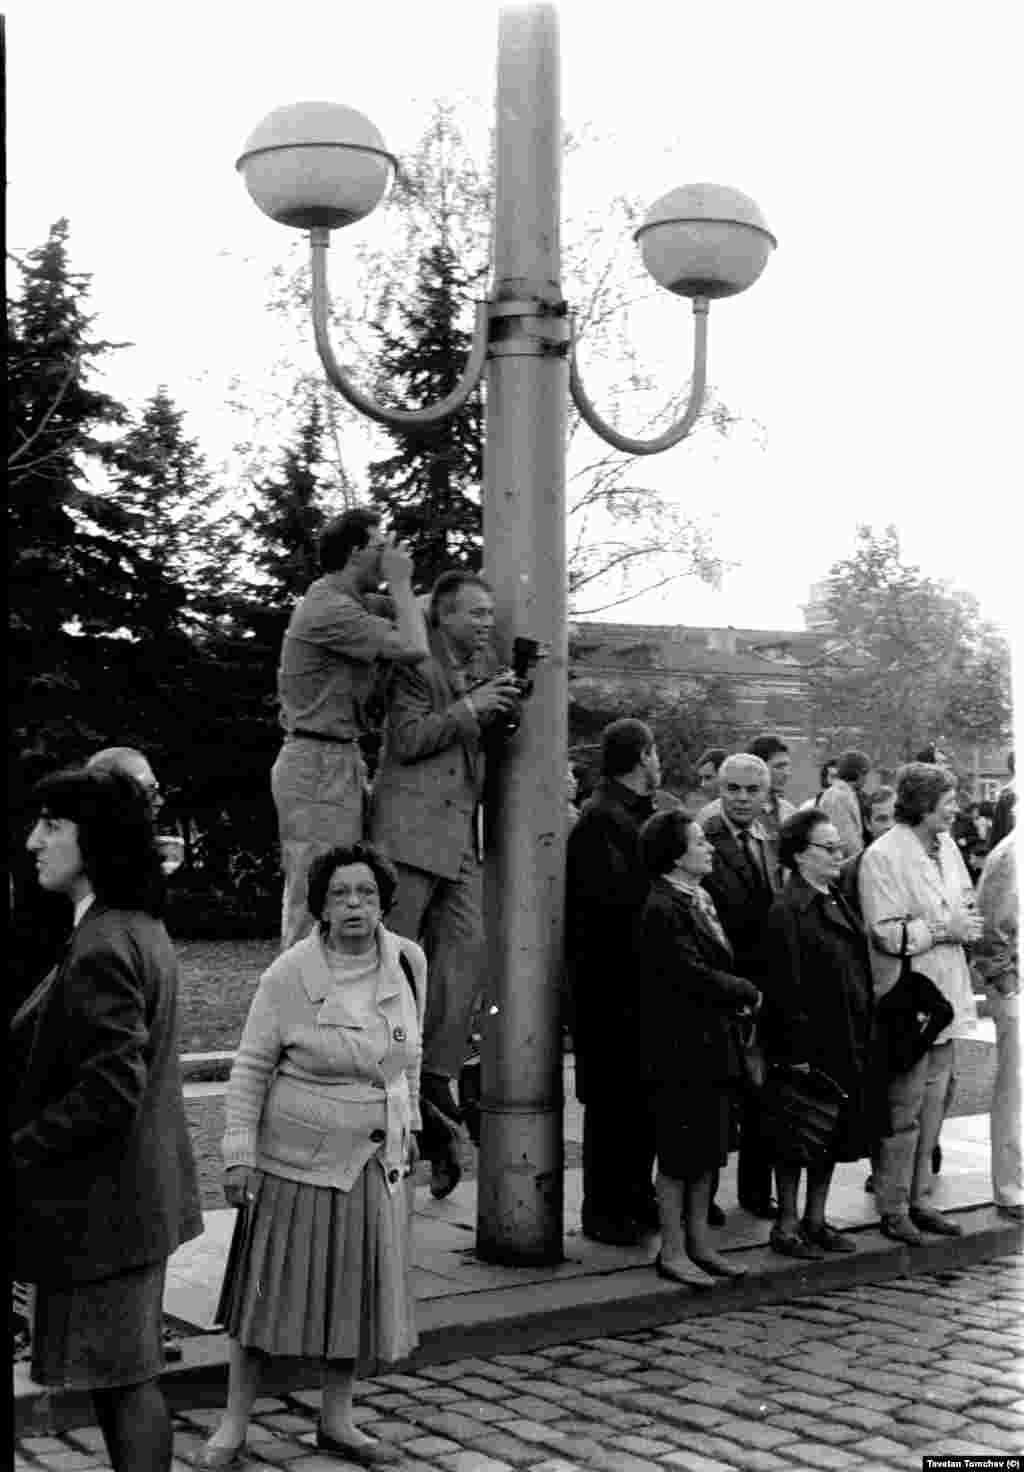 """Двама от фотографите, снимали шествието на """"Екогласност"""" на 3 ноември 1989 г. Усмихнатият вдясно е Стефан Тихов. Много хора не взимат участие в шествието, а го наблюдават отстрани. Осветителните тела на площада са монтирани през 80-те години."""